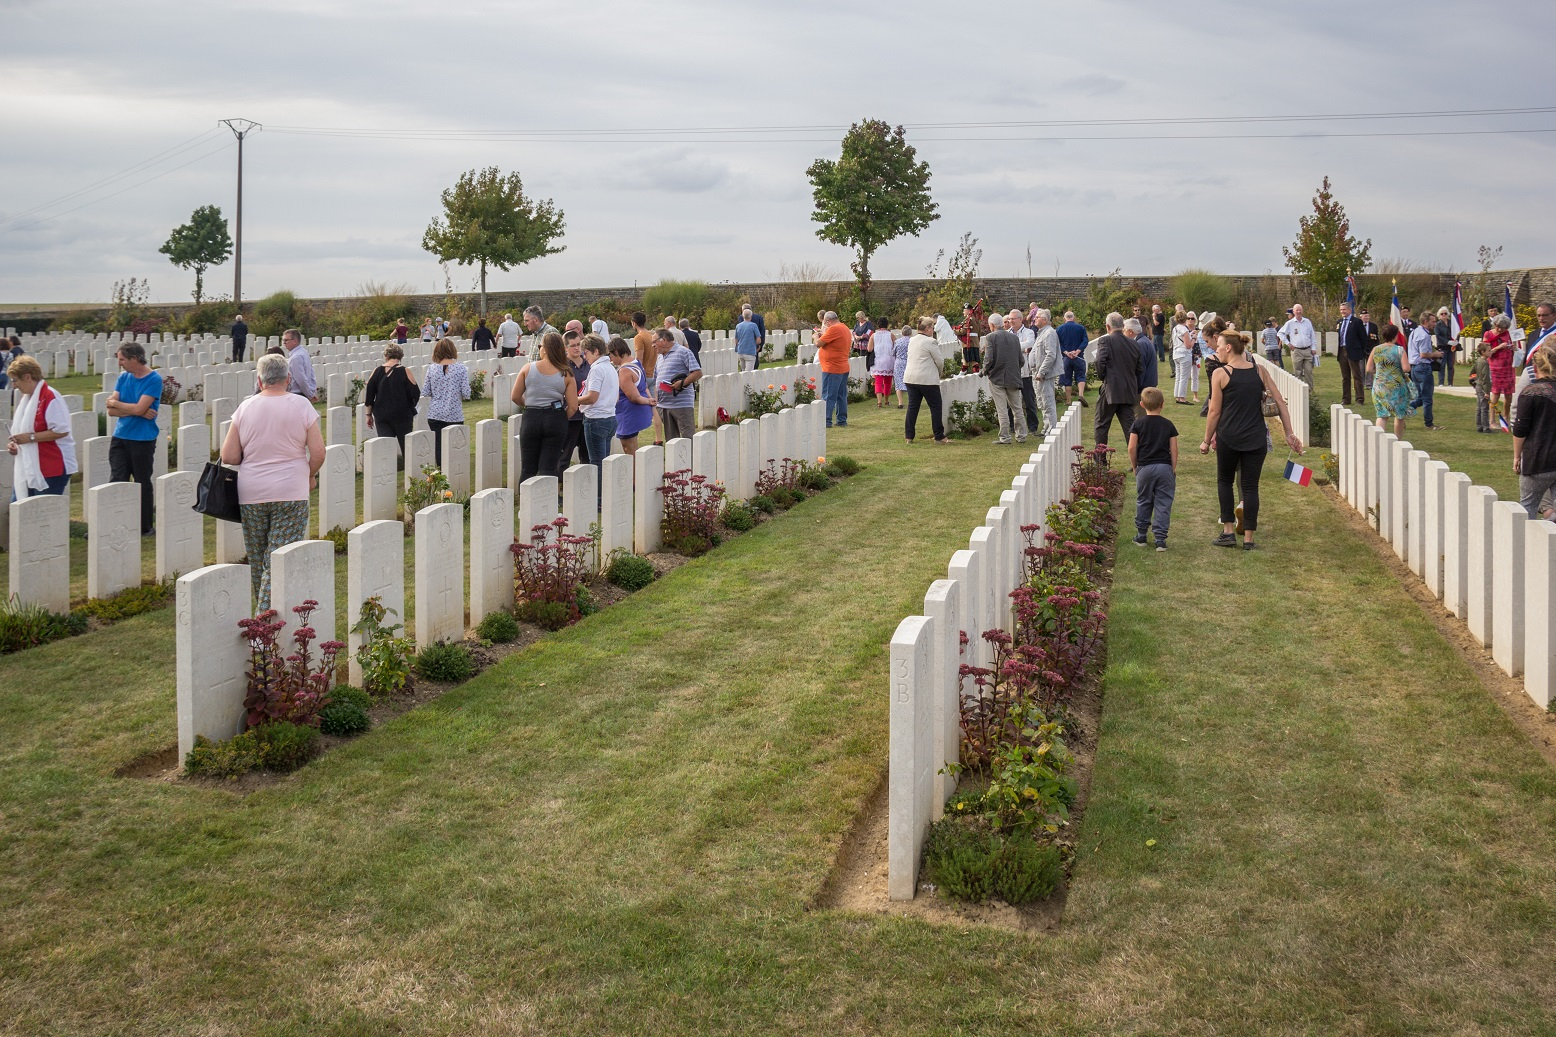 Chacun est invité à un moment de recueillement en parcourant le cimetière